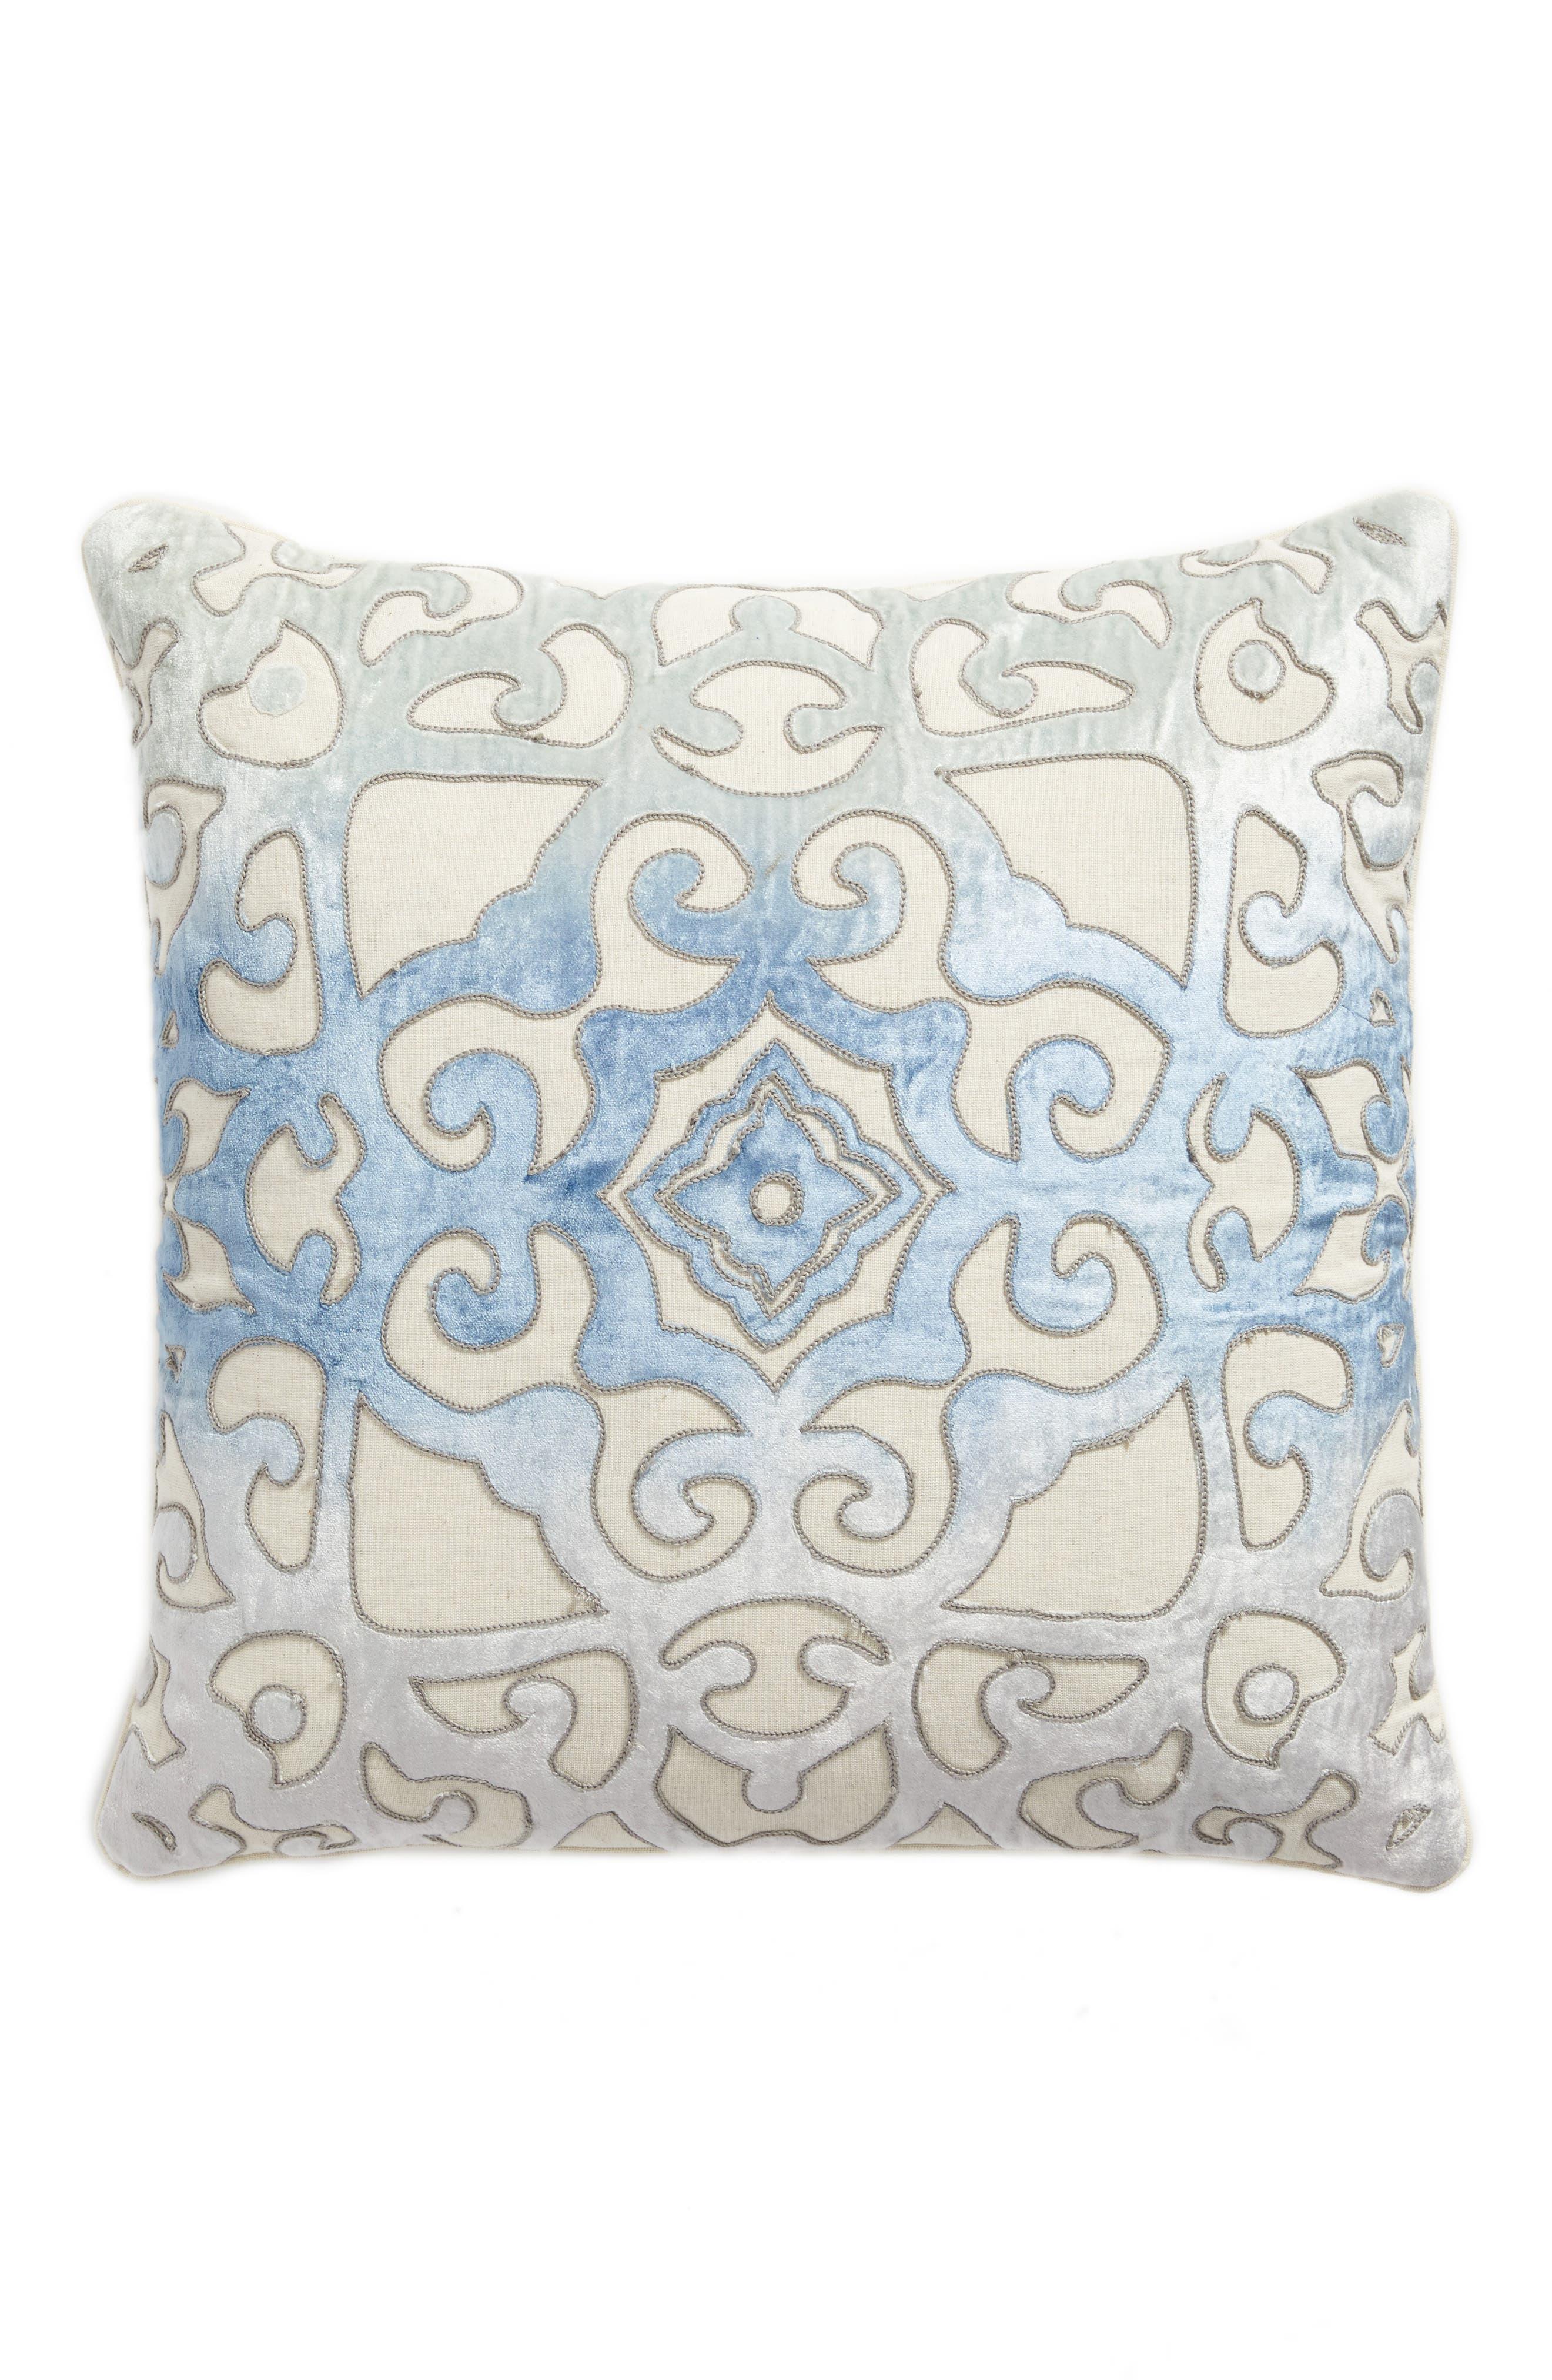 Velvet Cutout Accent Pillow,                             Main thumbnail 1, color,                             Blue Stellar Multi